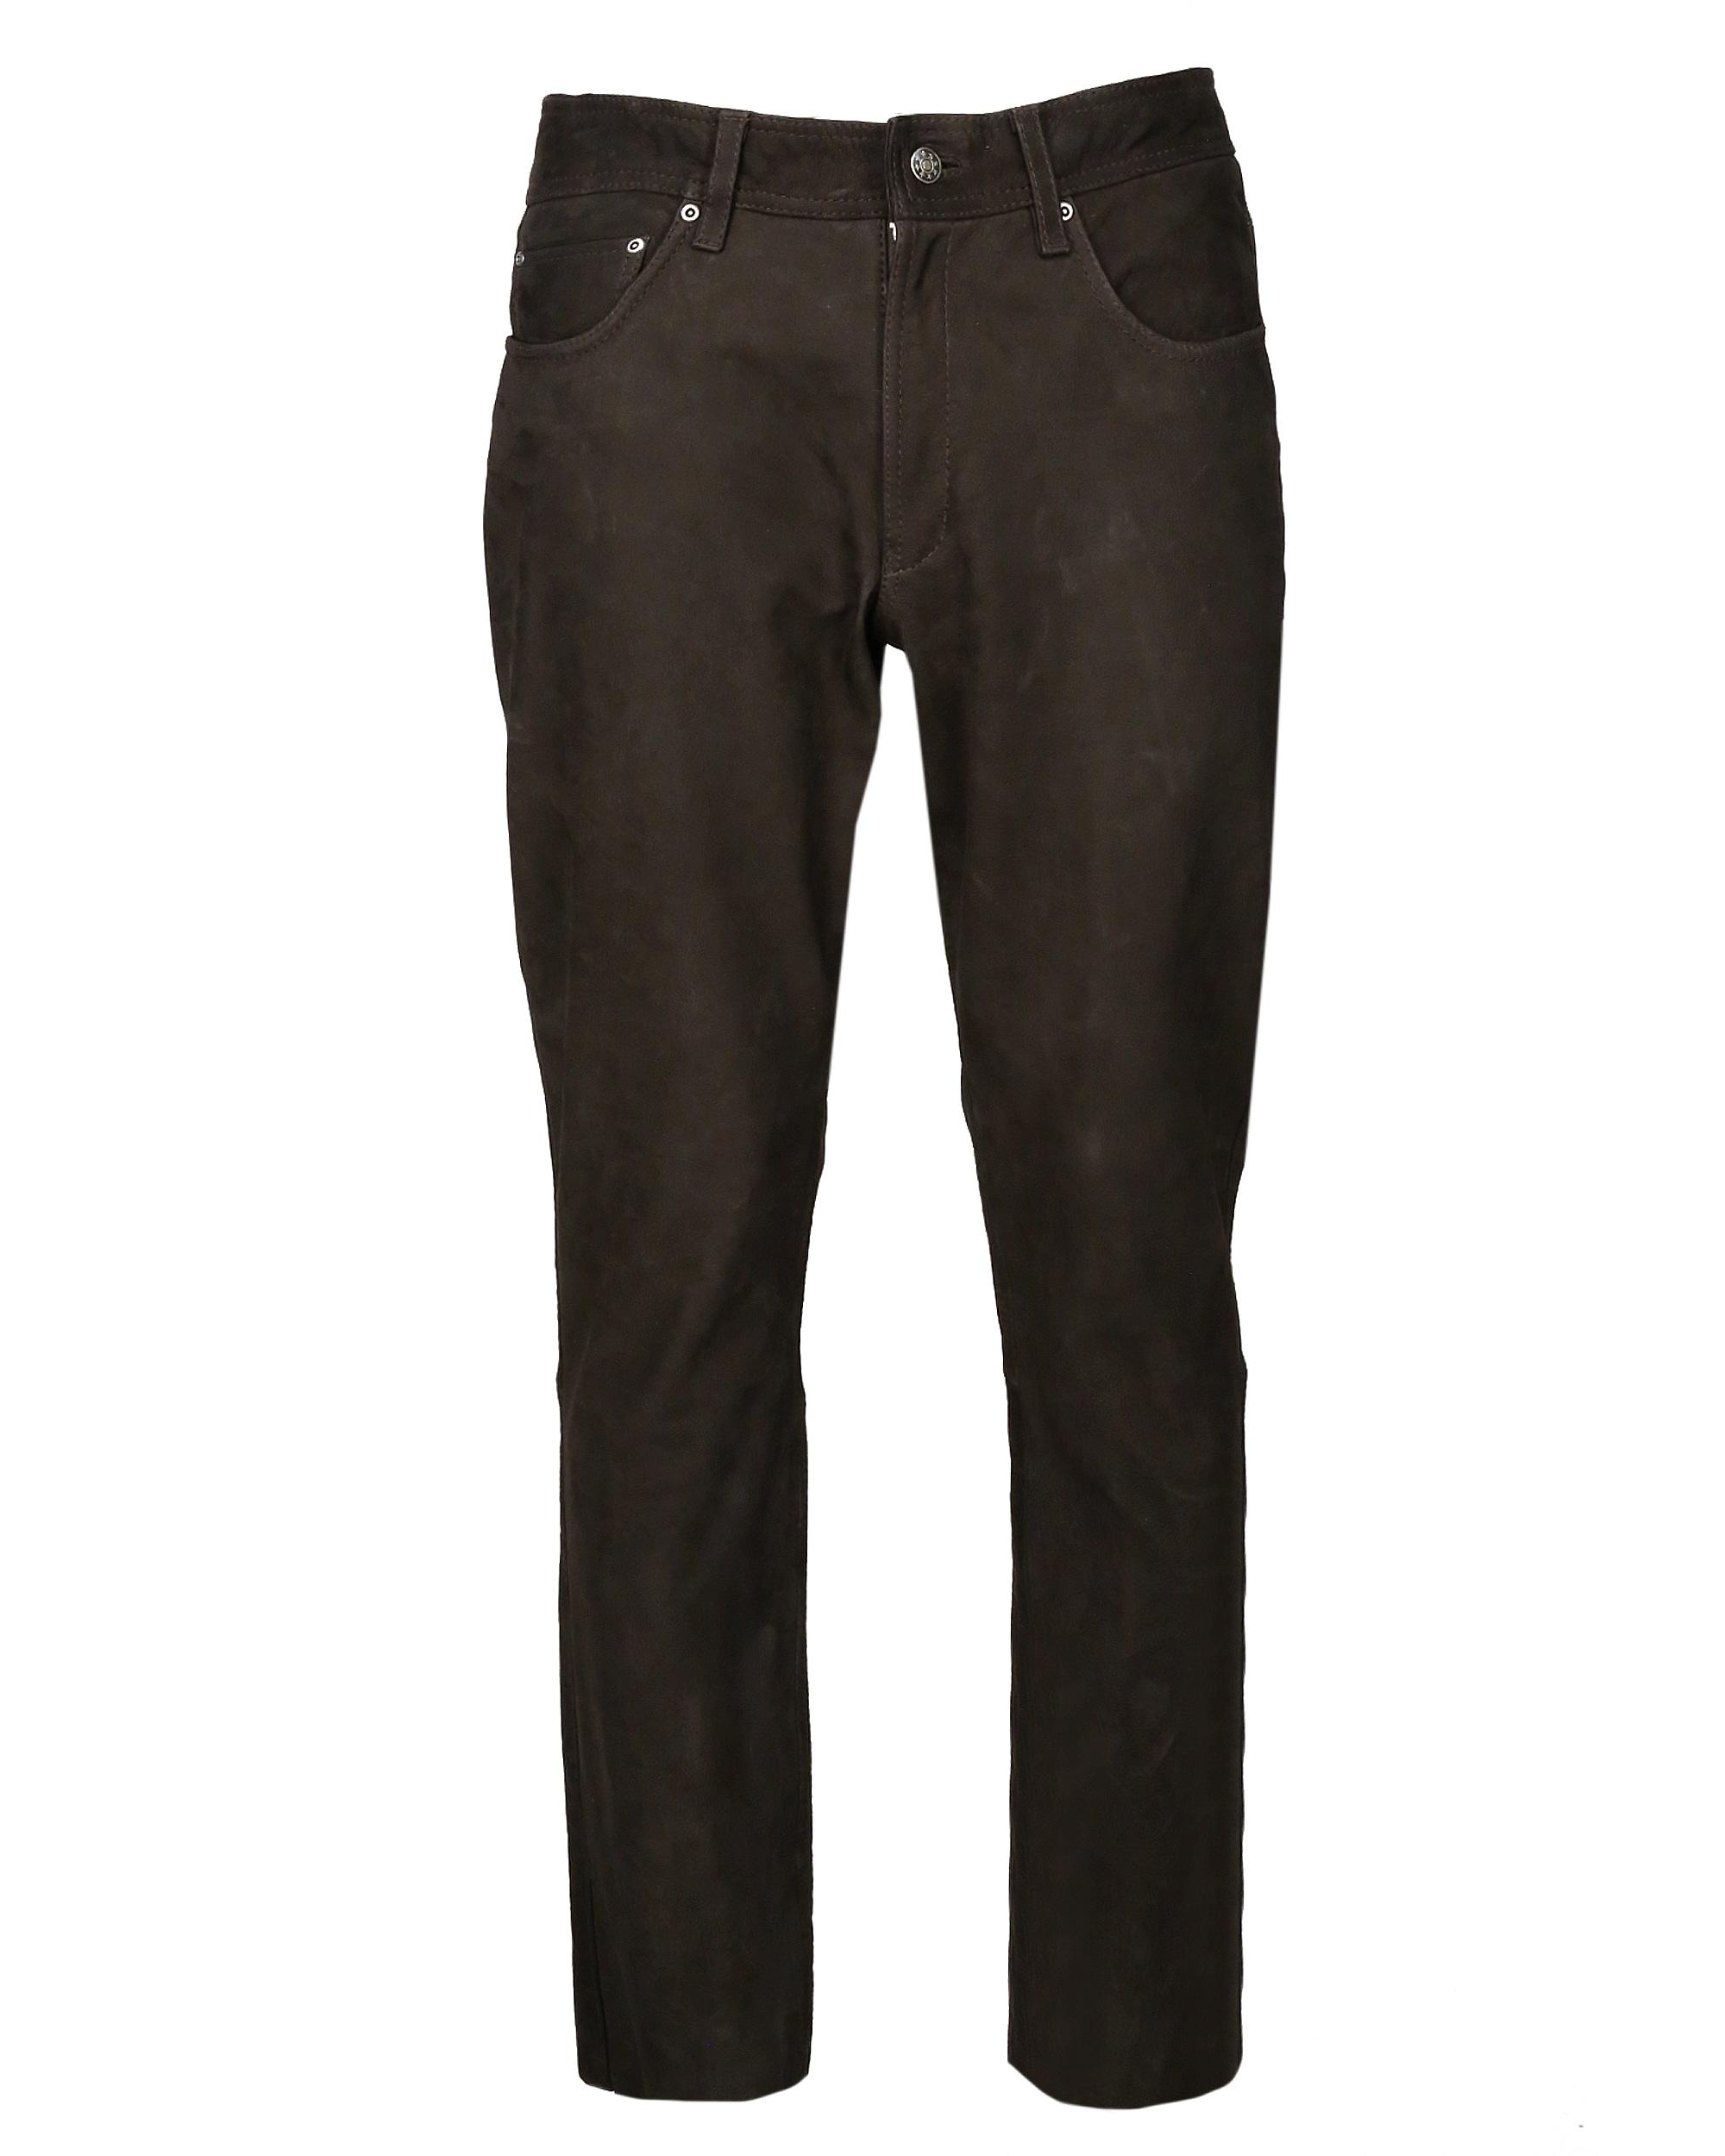 JCC Lederhose mit gerader Beinlänge Phill | Bekleidung > Hosen > Lederhosen | Jcc